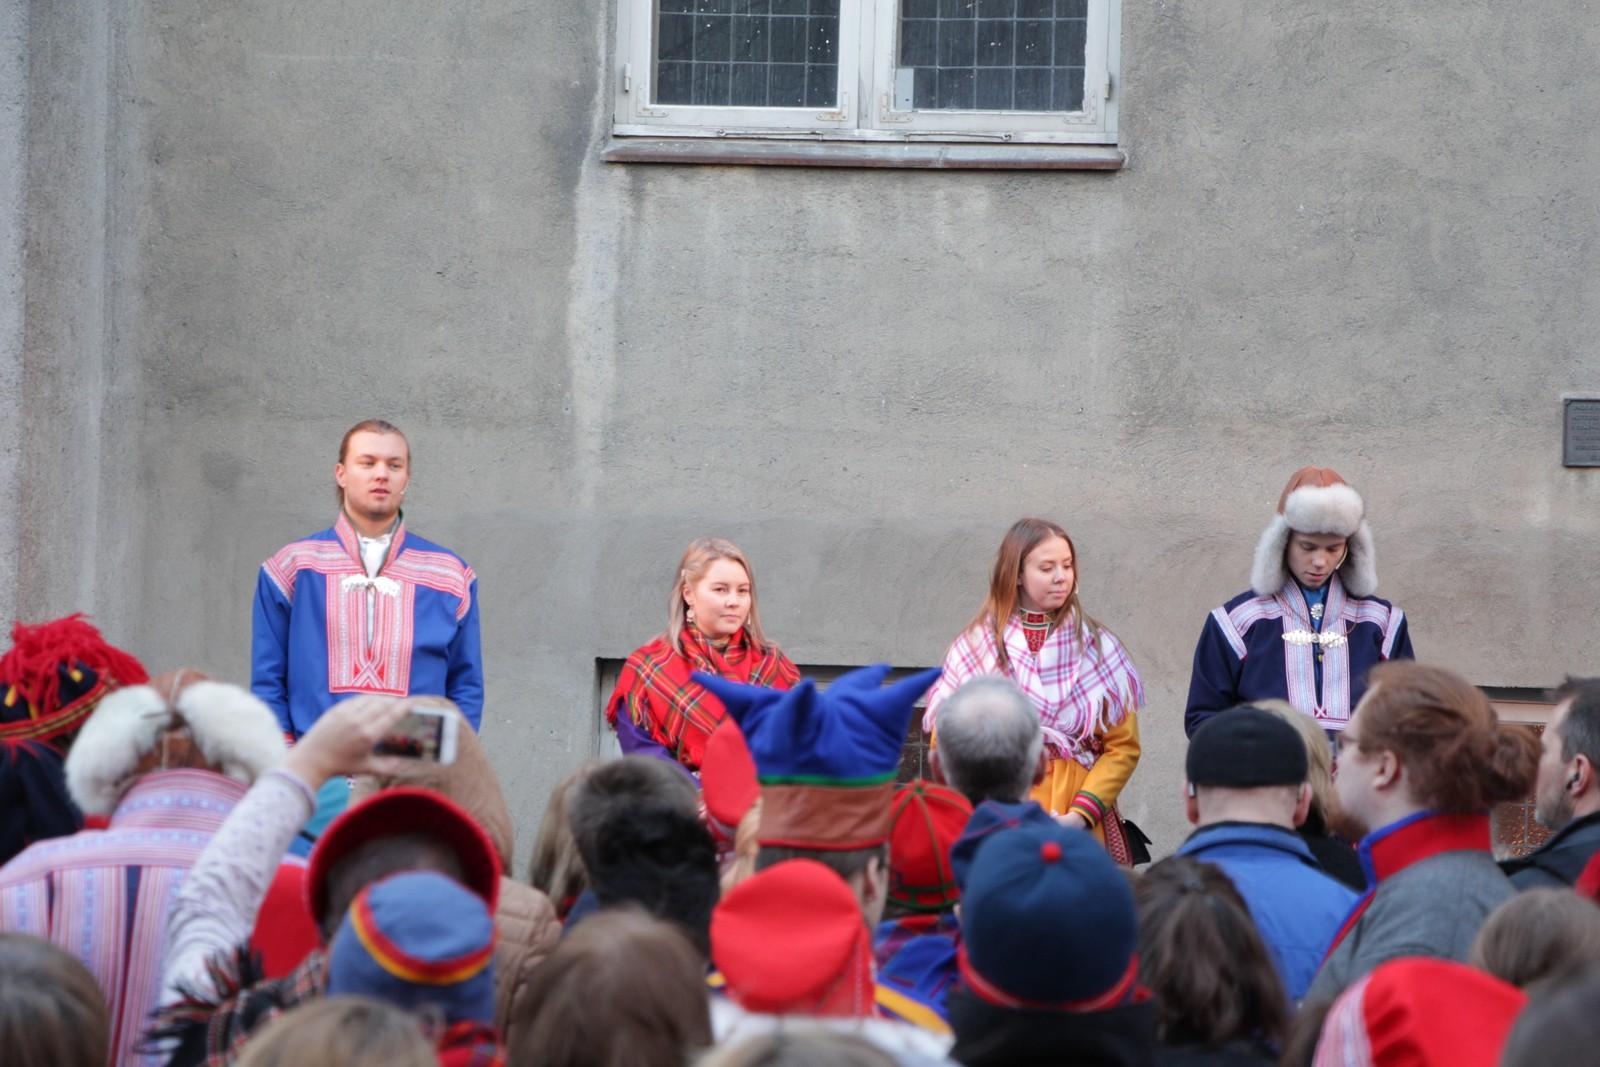 Ungdommene tilhørende det samiske Veiviser-prosjektet, Knut Mikkel Hætta (20), Maja-Sofie Larsen Fjellström (21), Oda Celin Kjær Eriksen (19) og Ole Nicklas Mienna Guttorm (20) åpner 100-årsmarkeringen utenfor Metodistkirken.